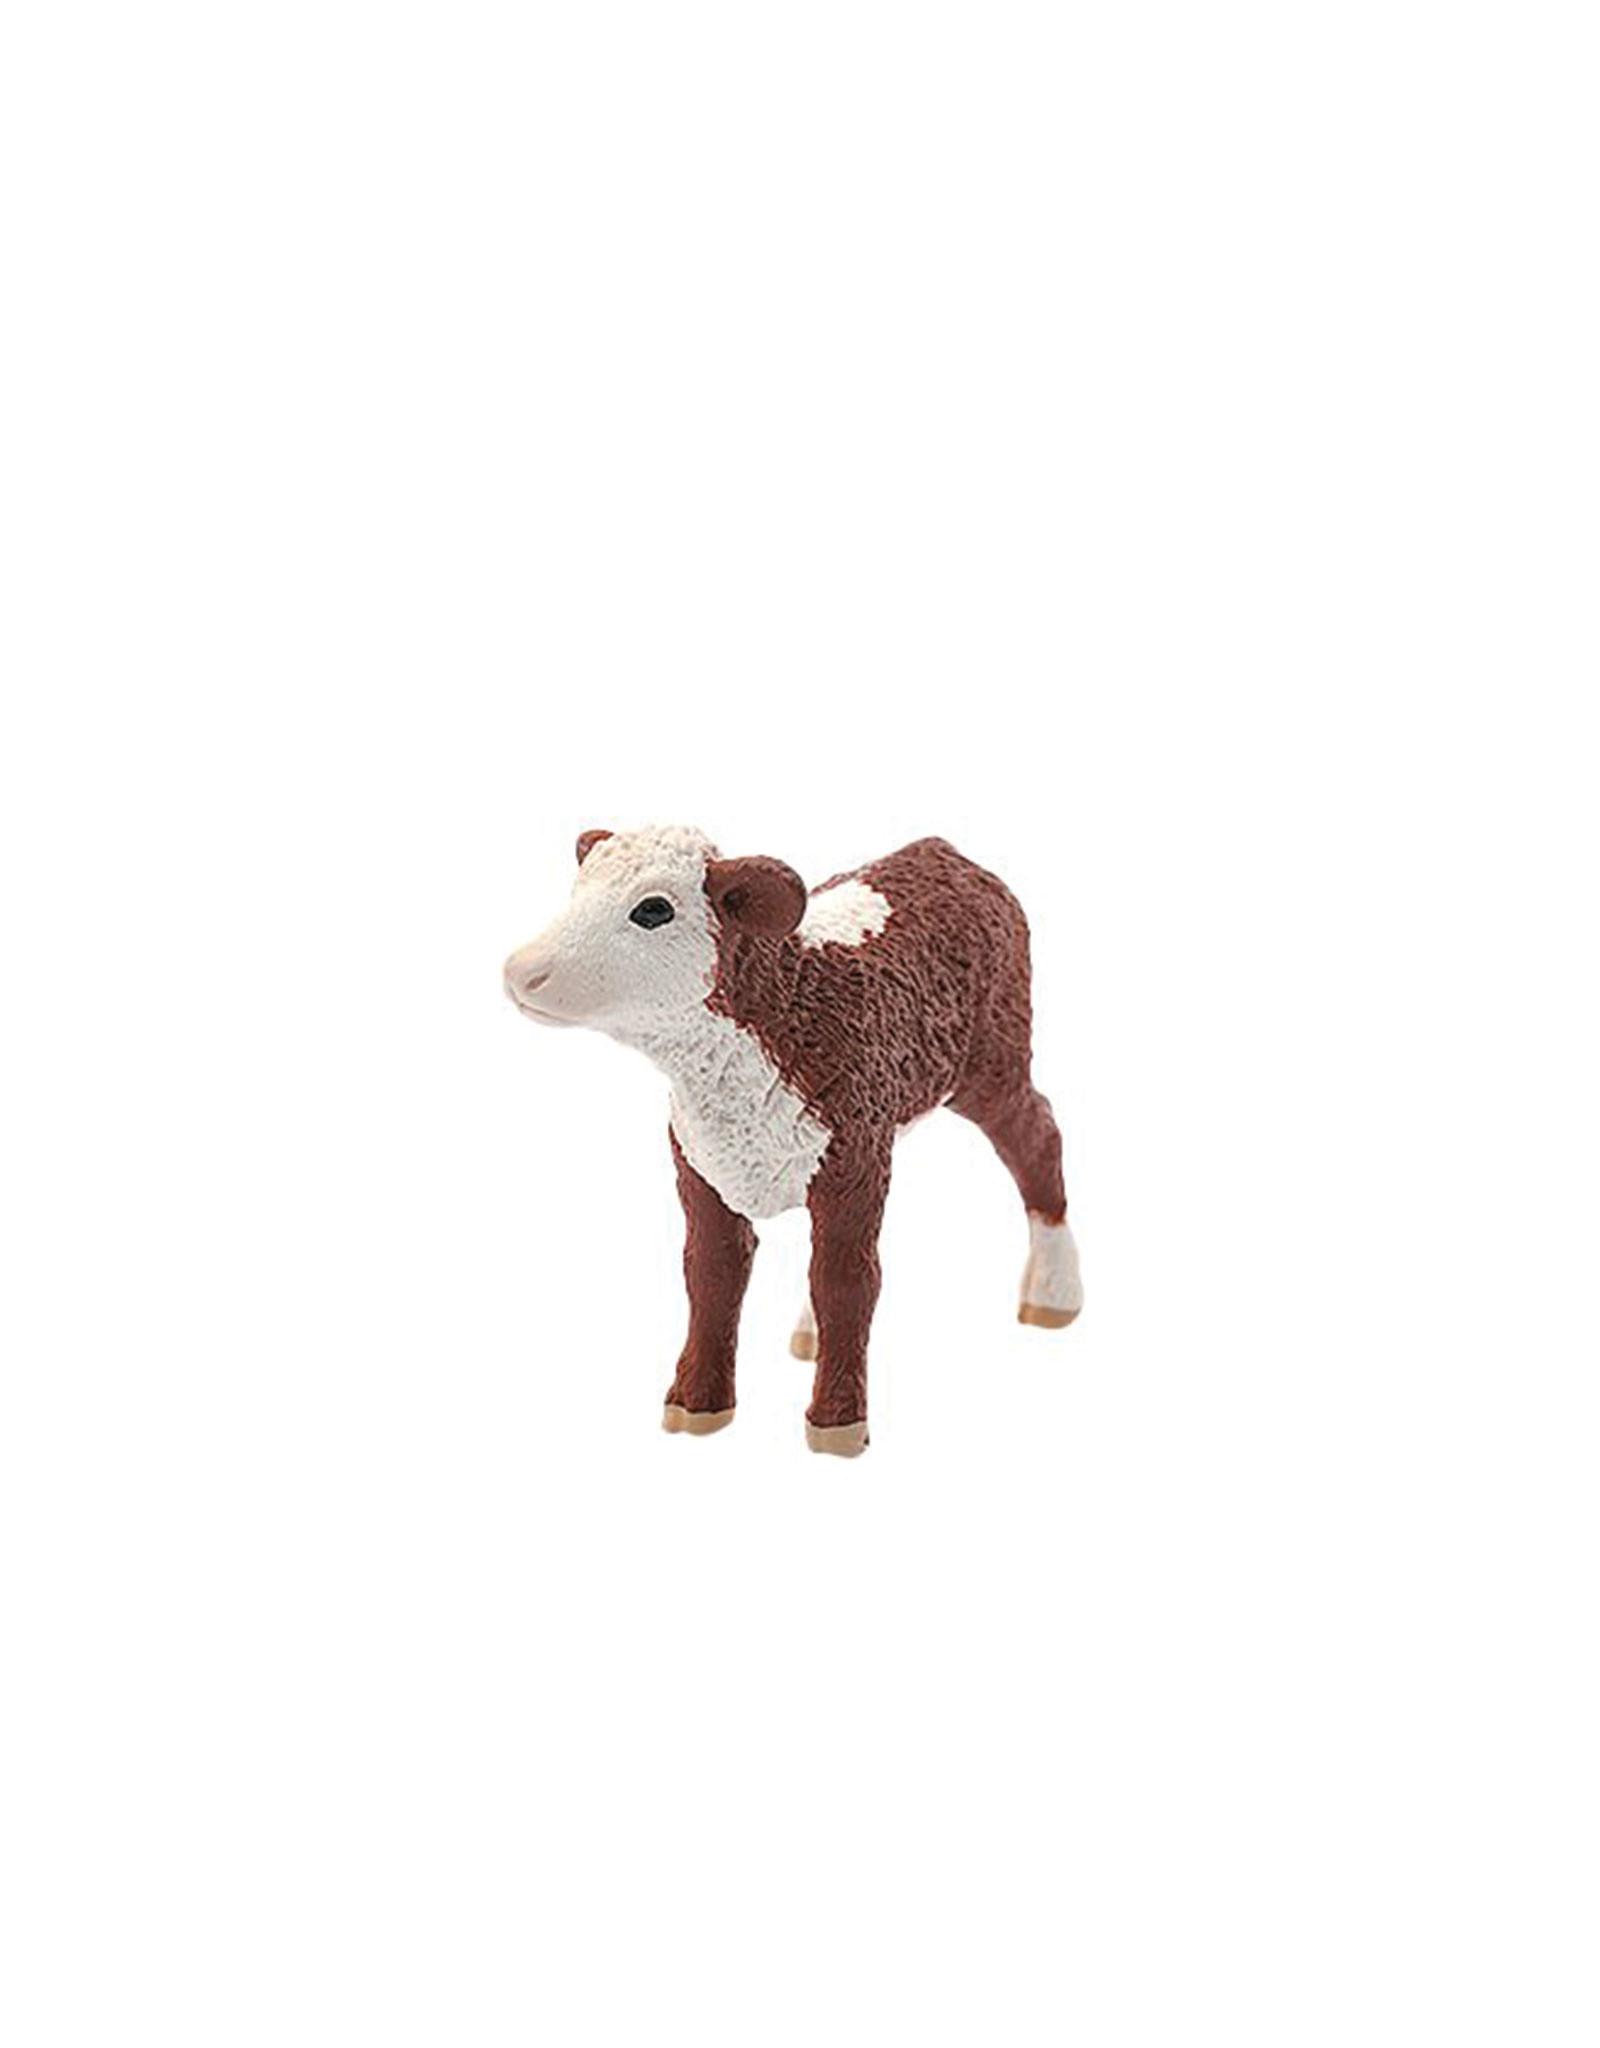 Schleich Animal - Hereford Calf